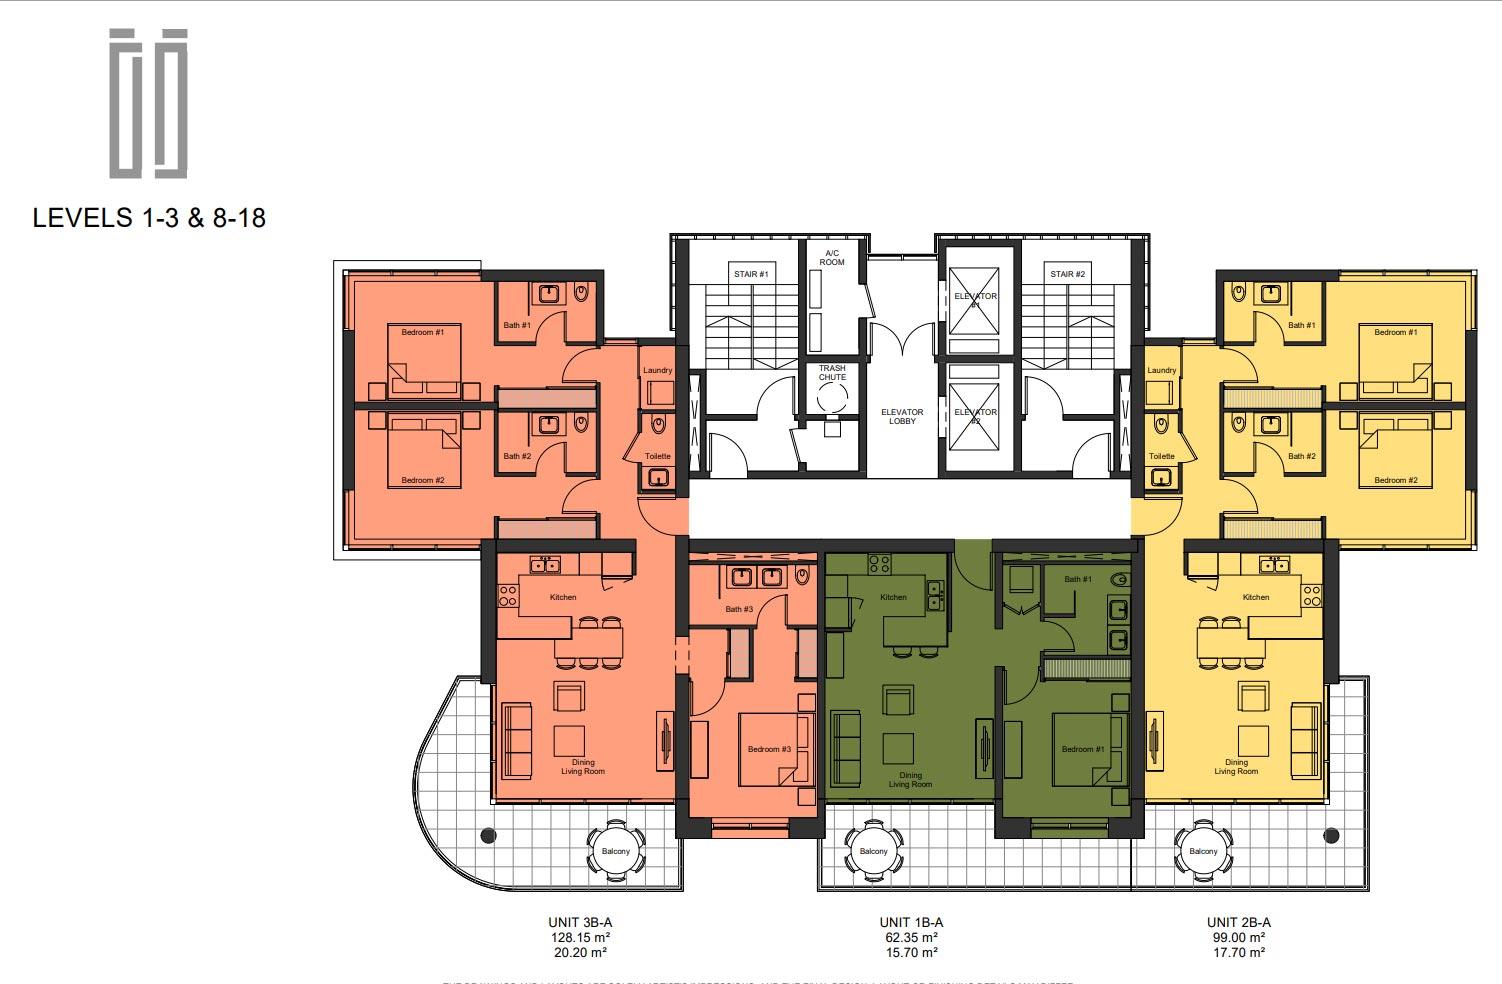 Floor Plan Levels 8 to 18